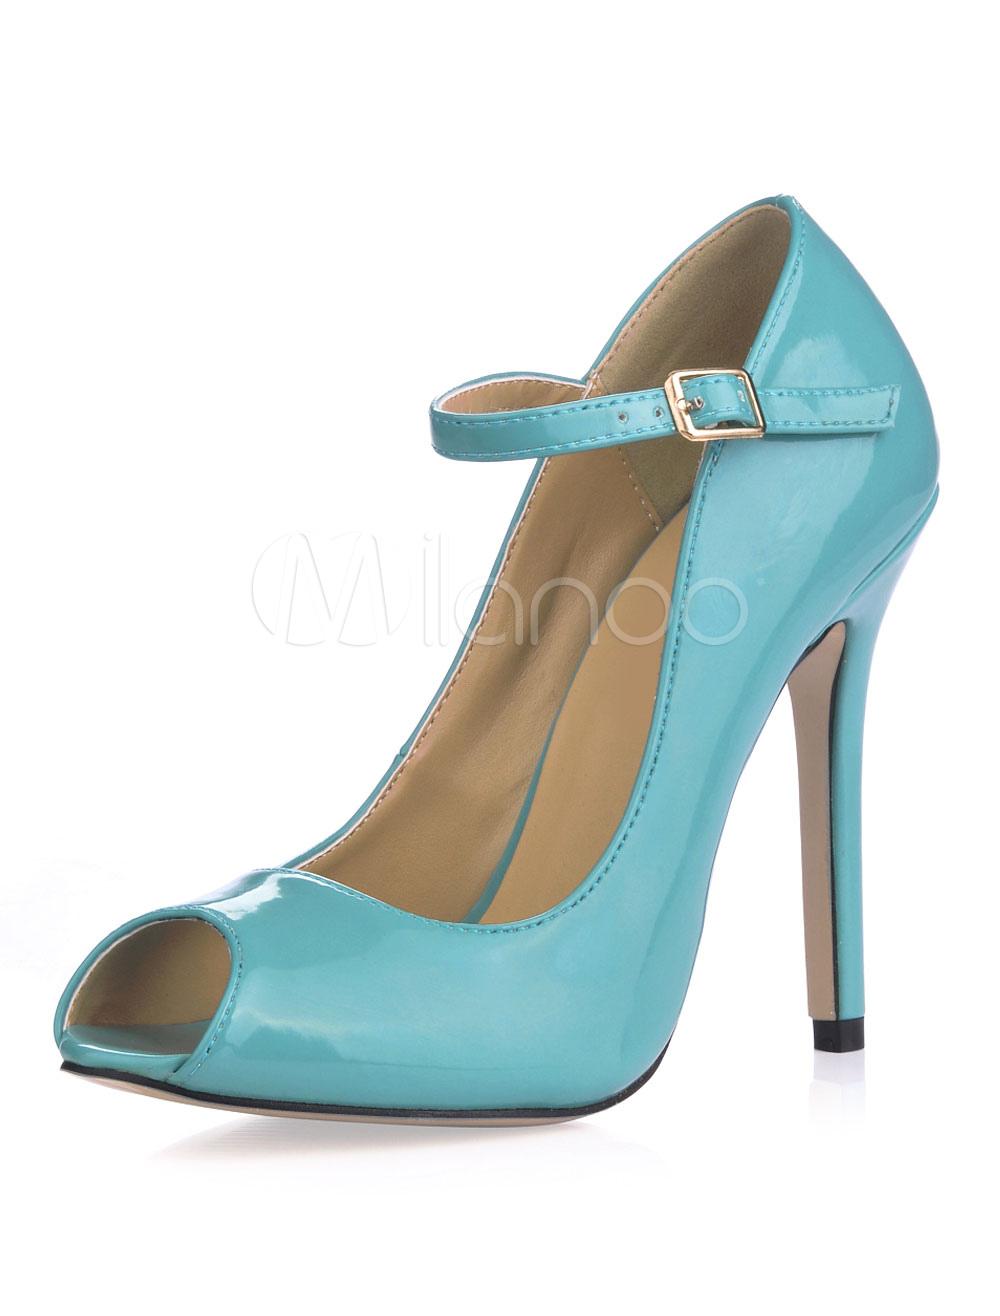 Women High Heels Light Blue Peep Toe Buckle Detail Pumps